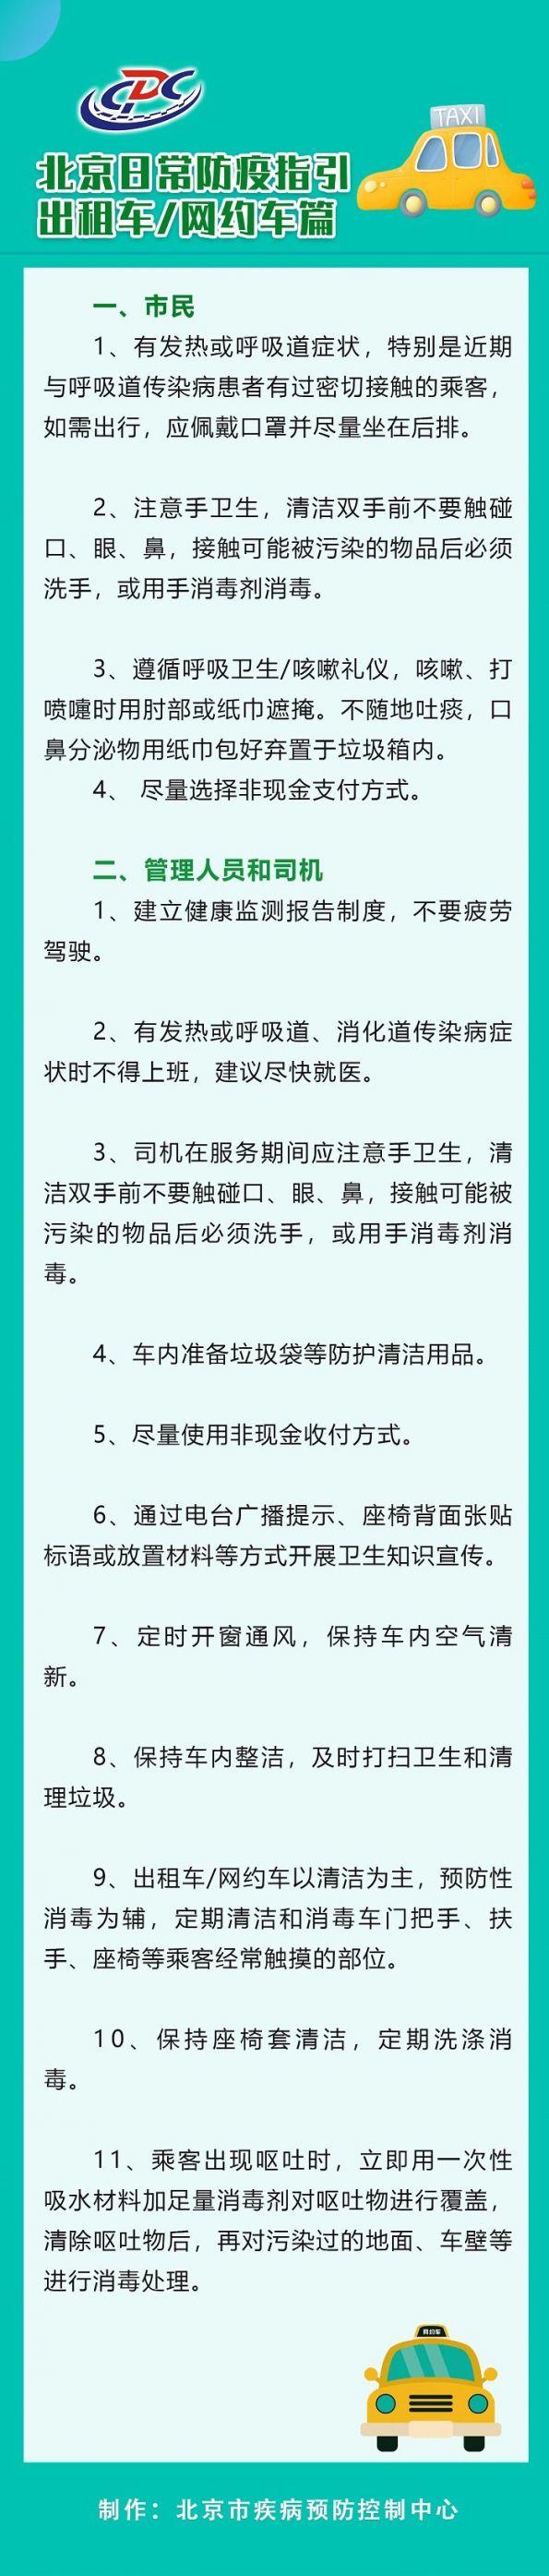 北京日常防疫指引——出租车/网约车篇